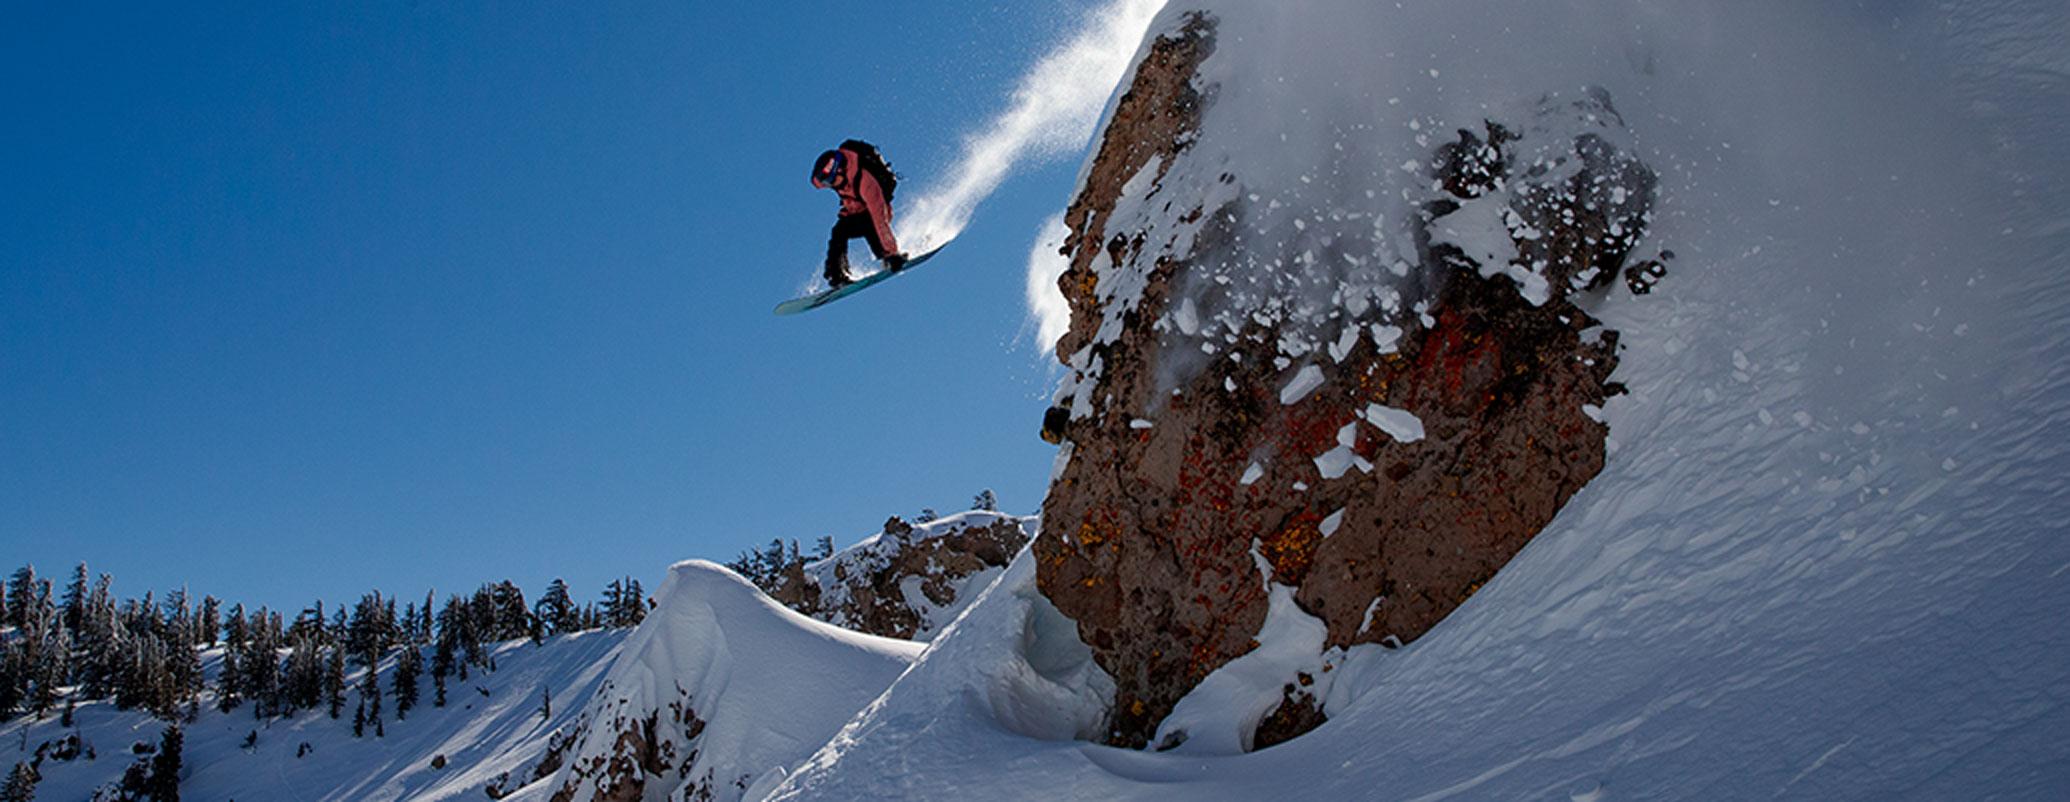 COVER JONES snowboard